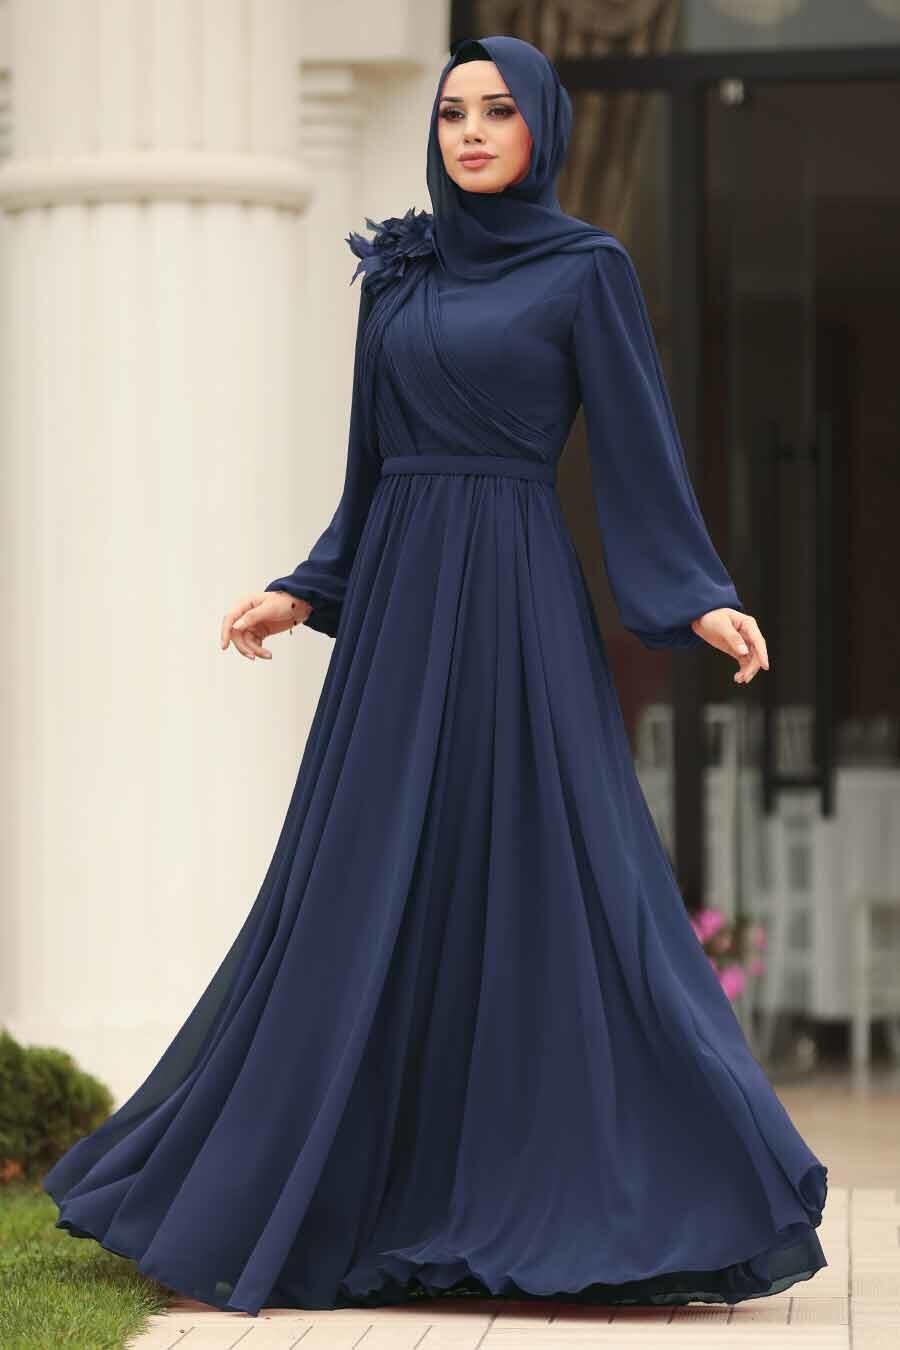 Tesettürlü Abiye Elbise - Çiçek Detaylı İndigo Mavisi Tesettürlü Abiye Elbise 3991IM